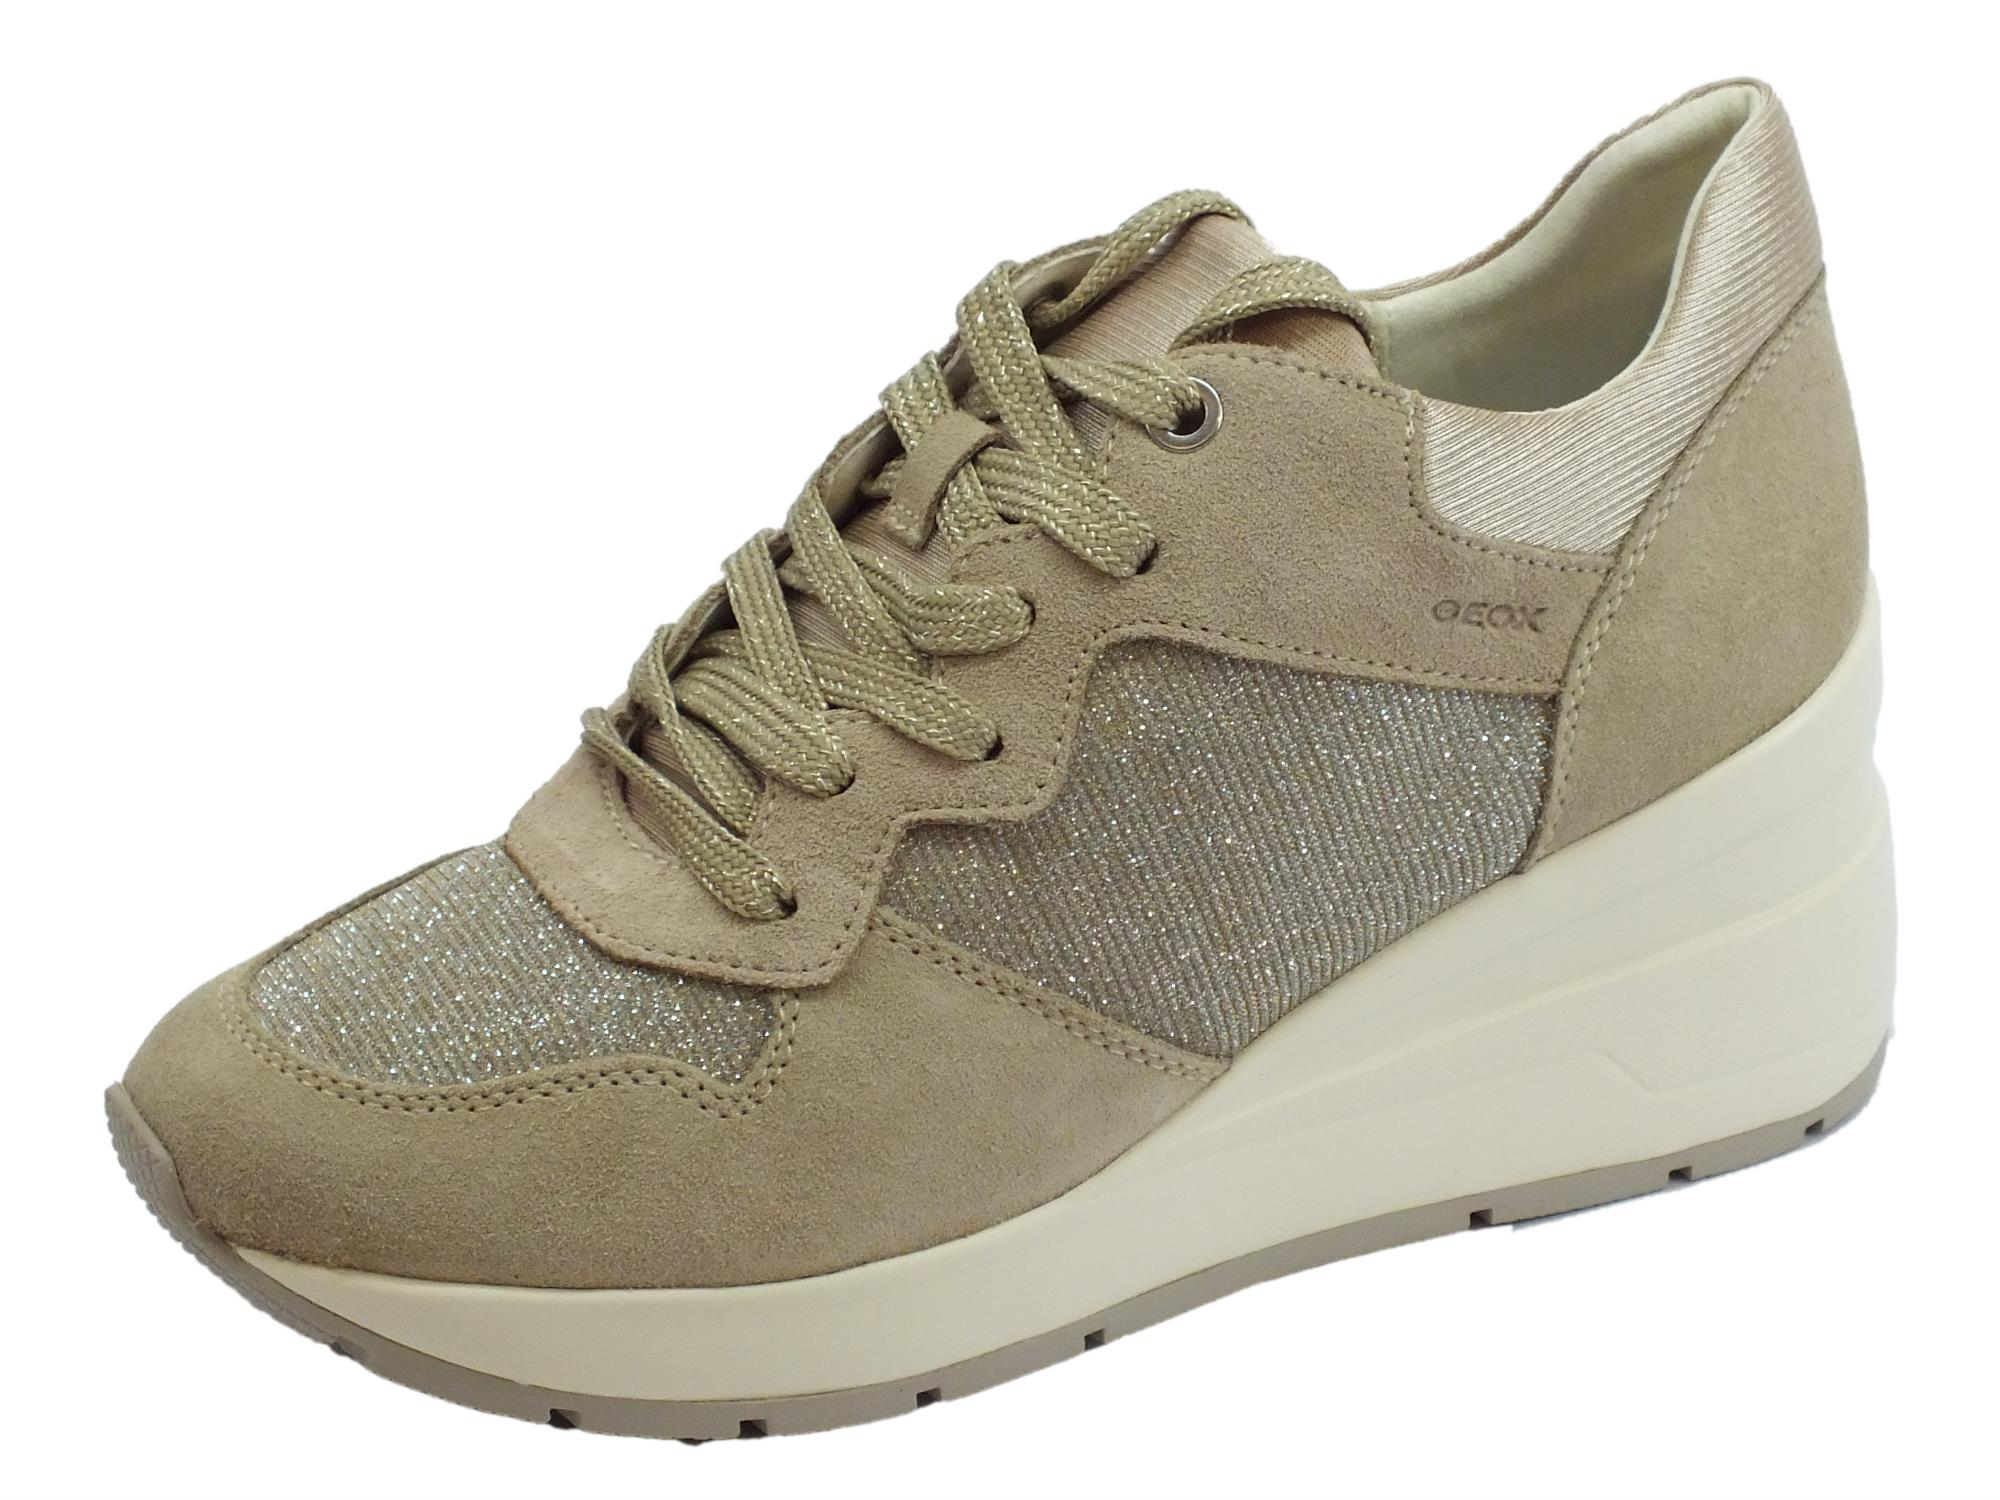 Sneakers Geox per donna in camoscio taupe e glitter argento zeppa alta